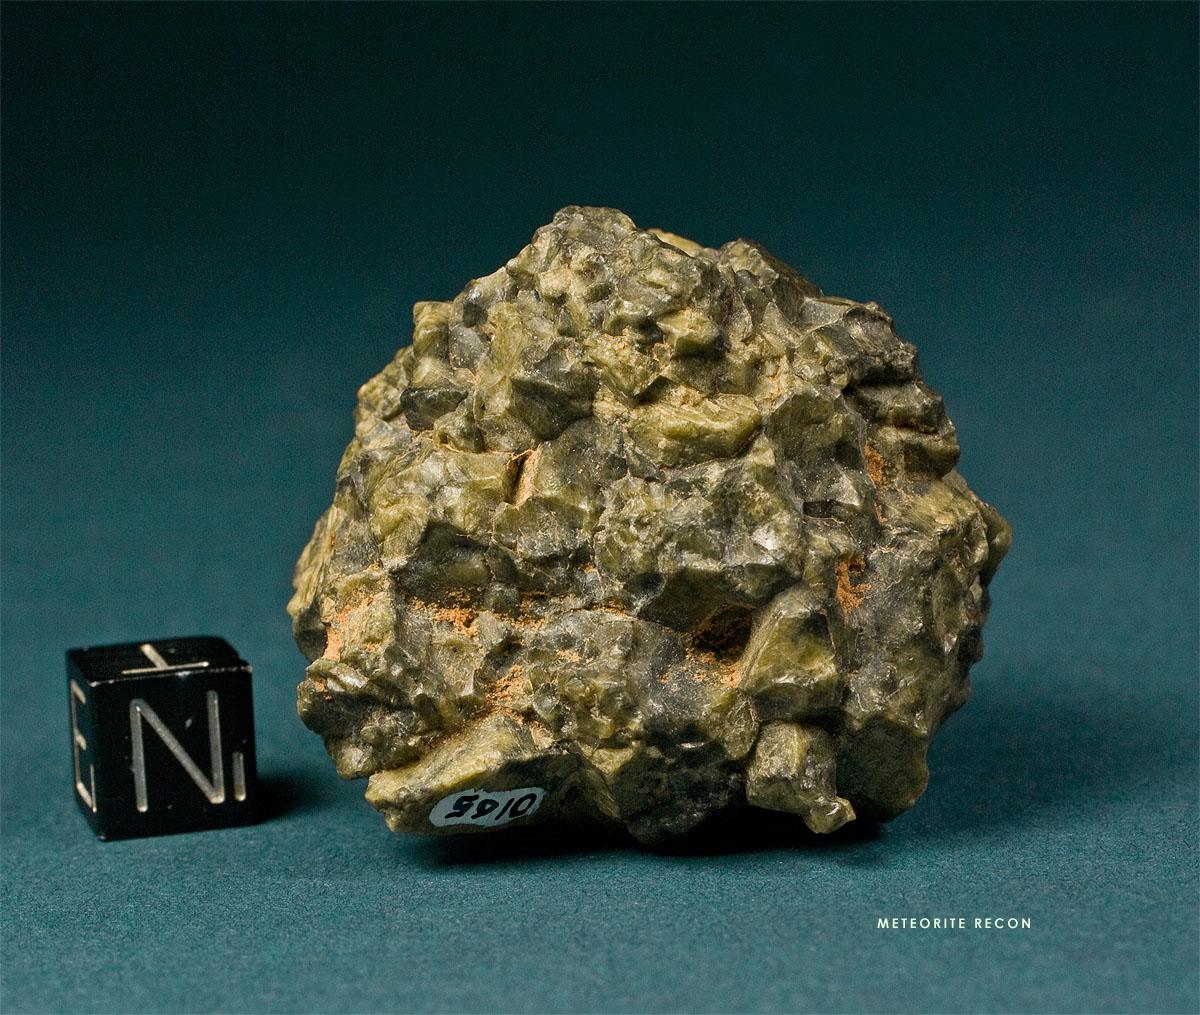 Tatahouine meteorite recon - Meteore et meteorite ...